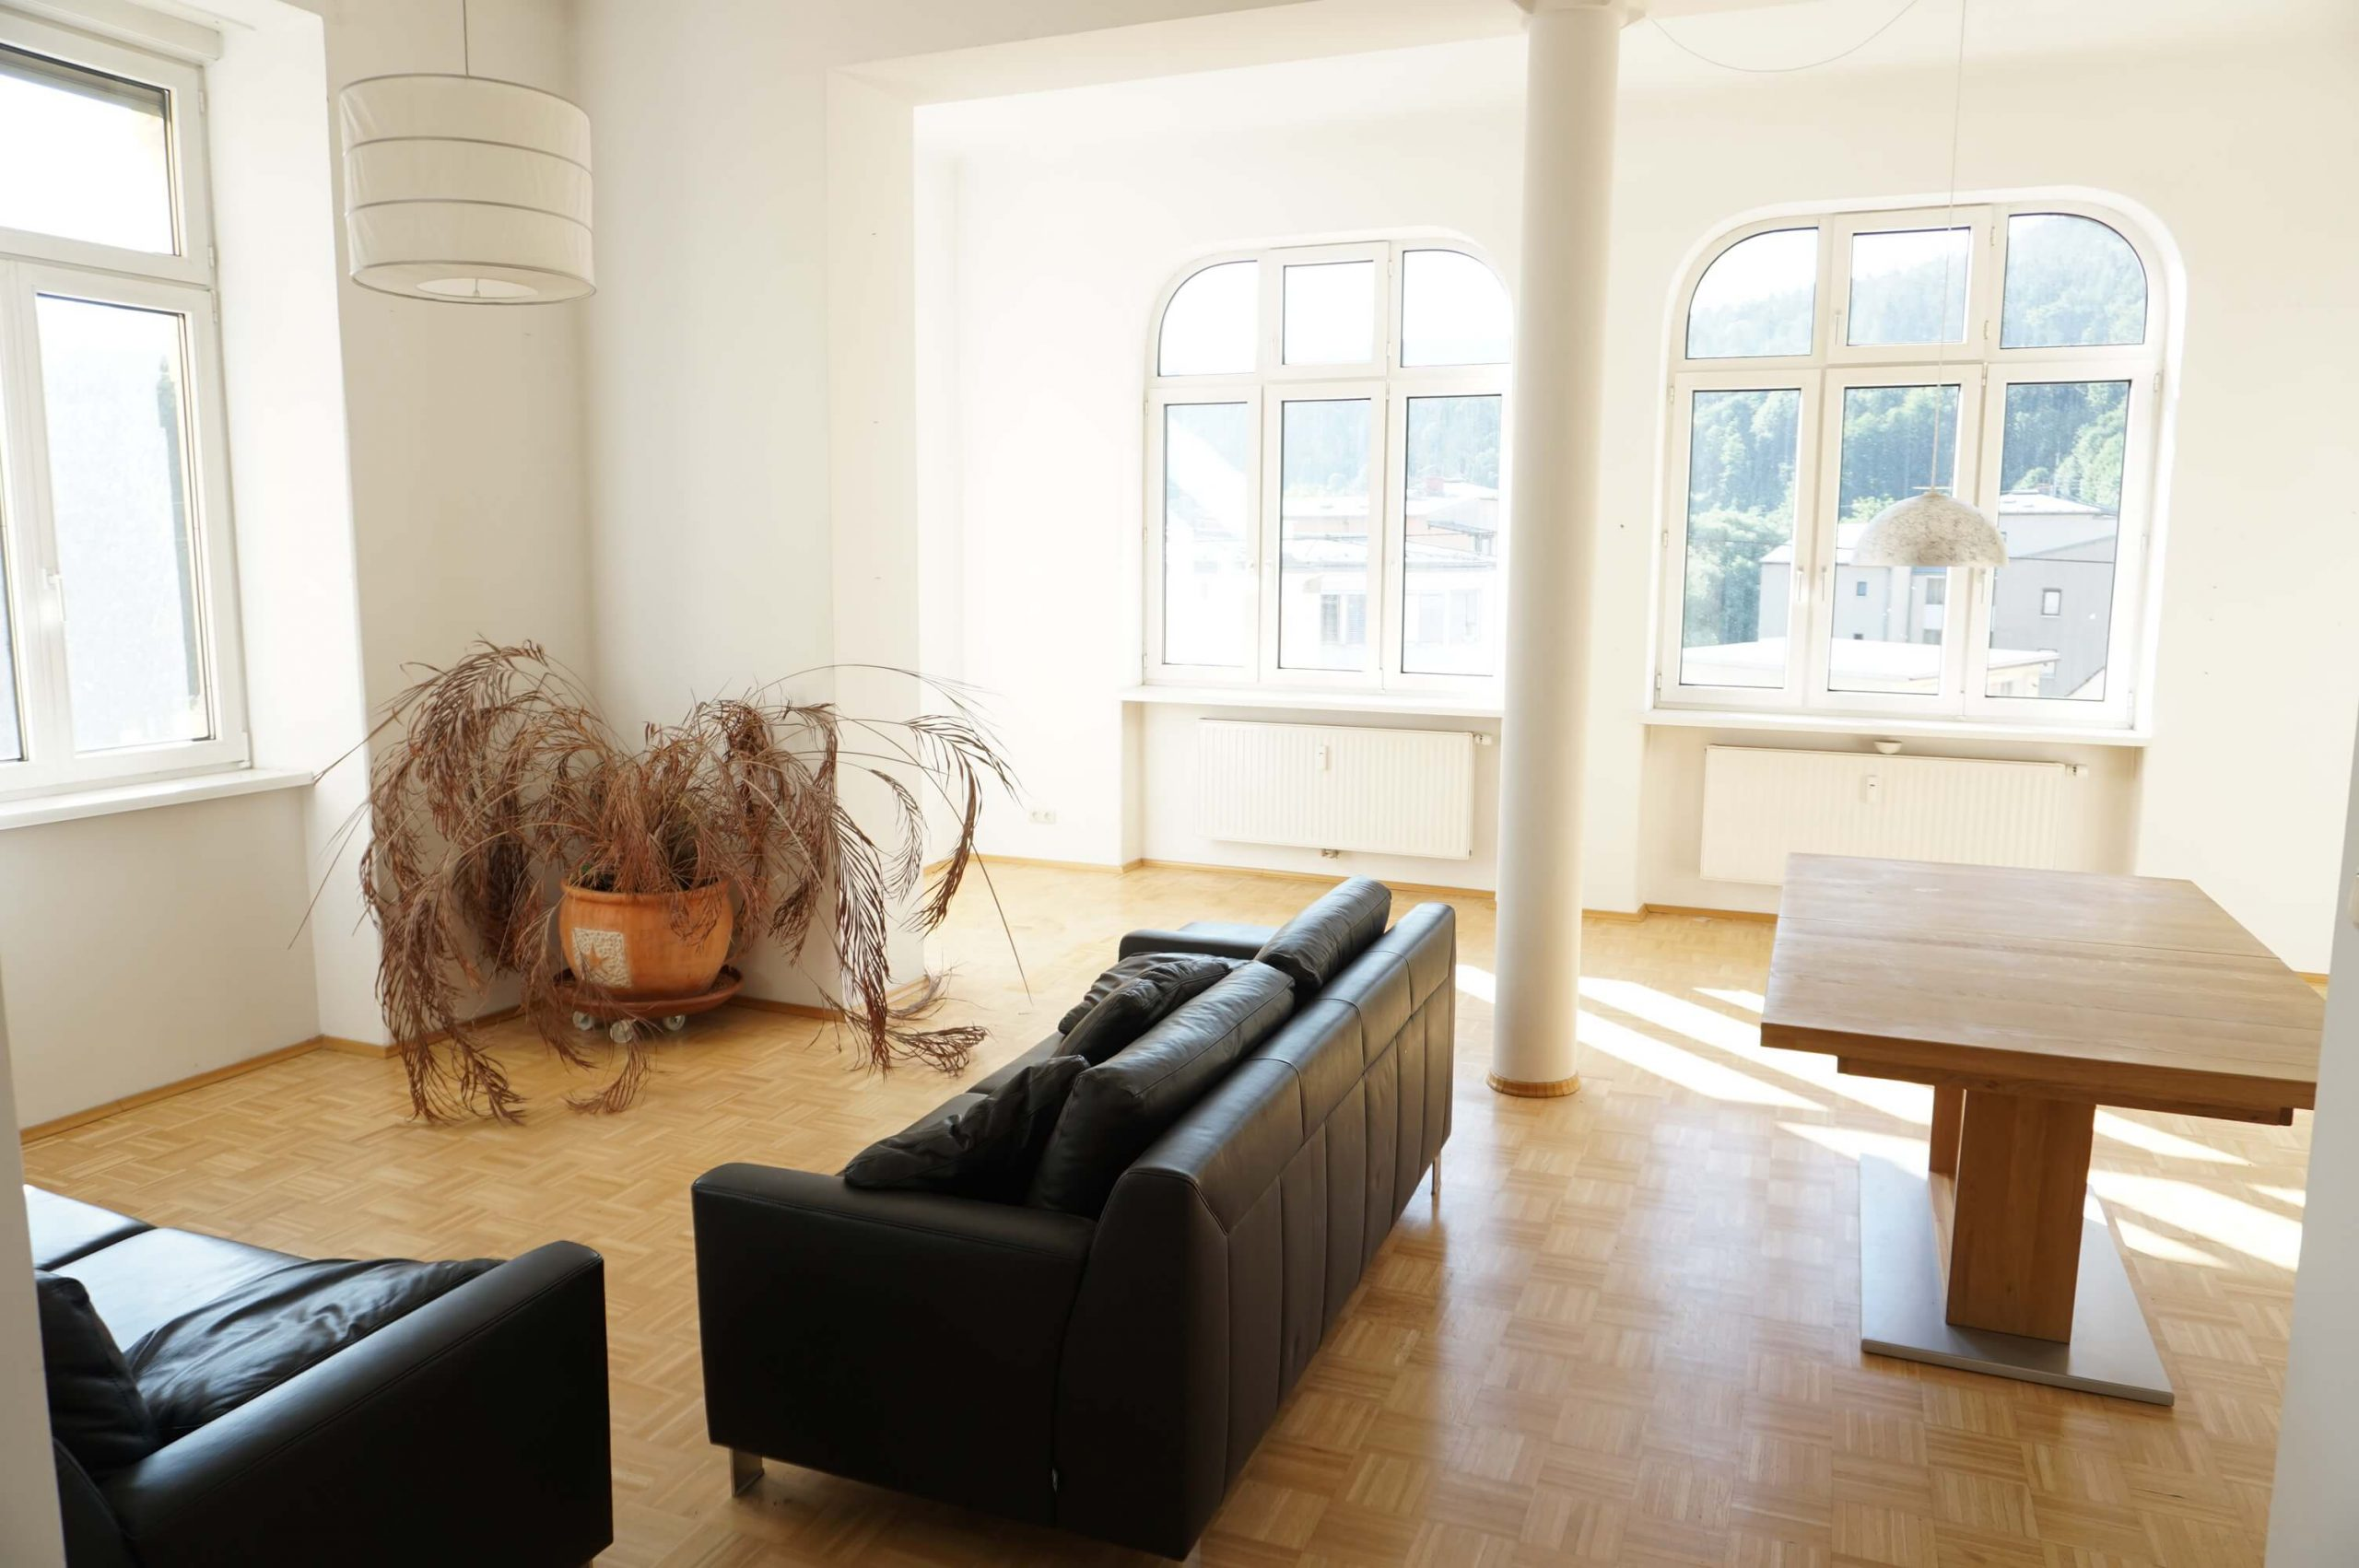 Bruck/Mur-Dr. Theodor Körner Straße: 3-Zimmer Altbauwohnung